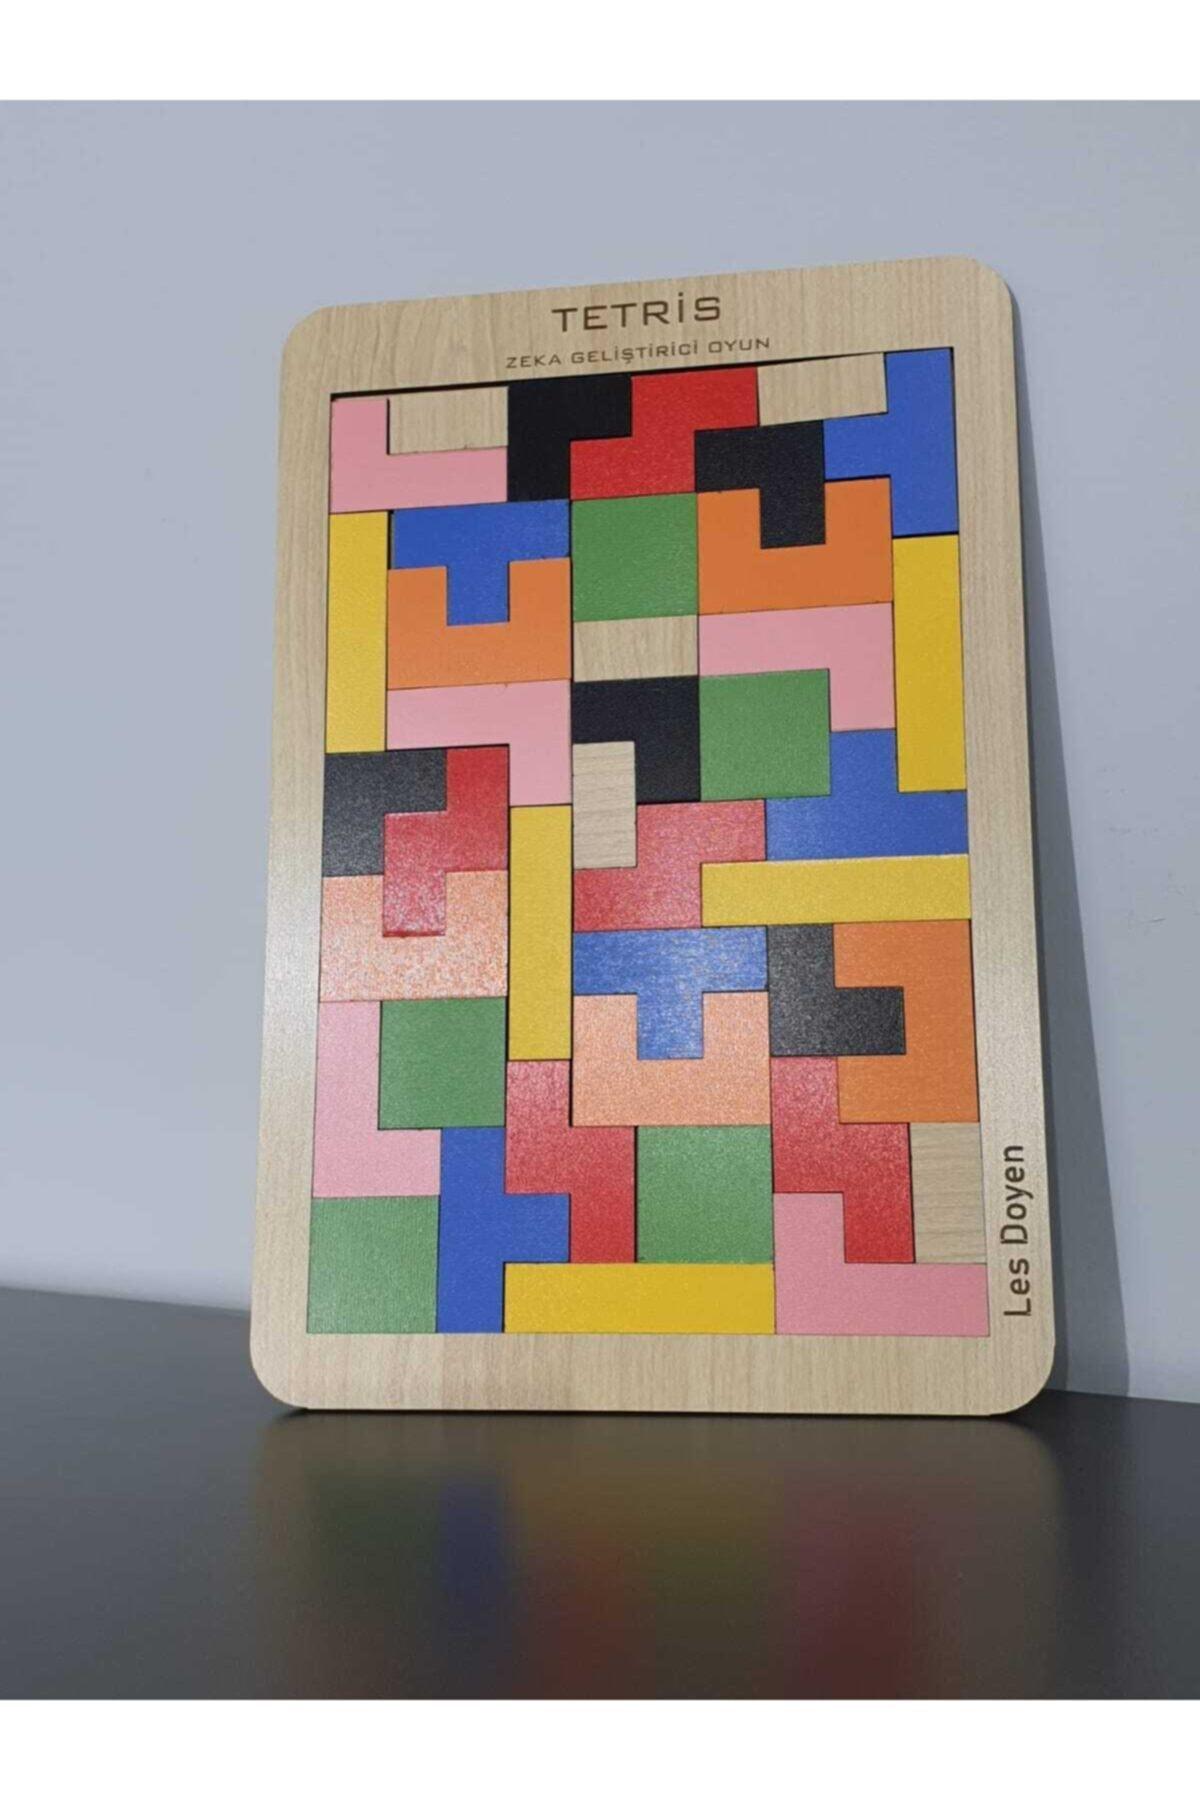 les doyen Eğitici Ahşap Tetris Oyunu Bul Tak 2